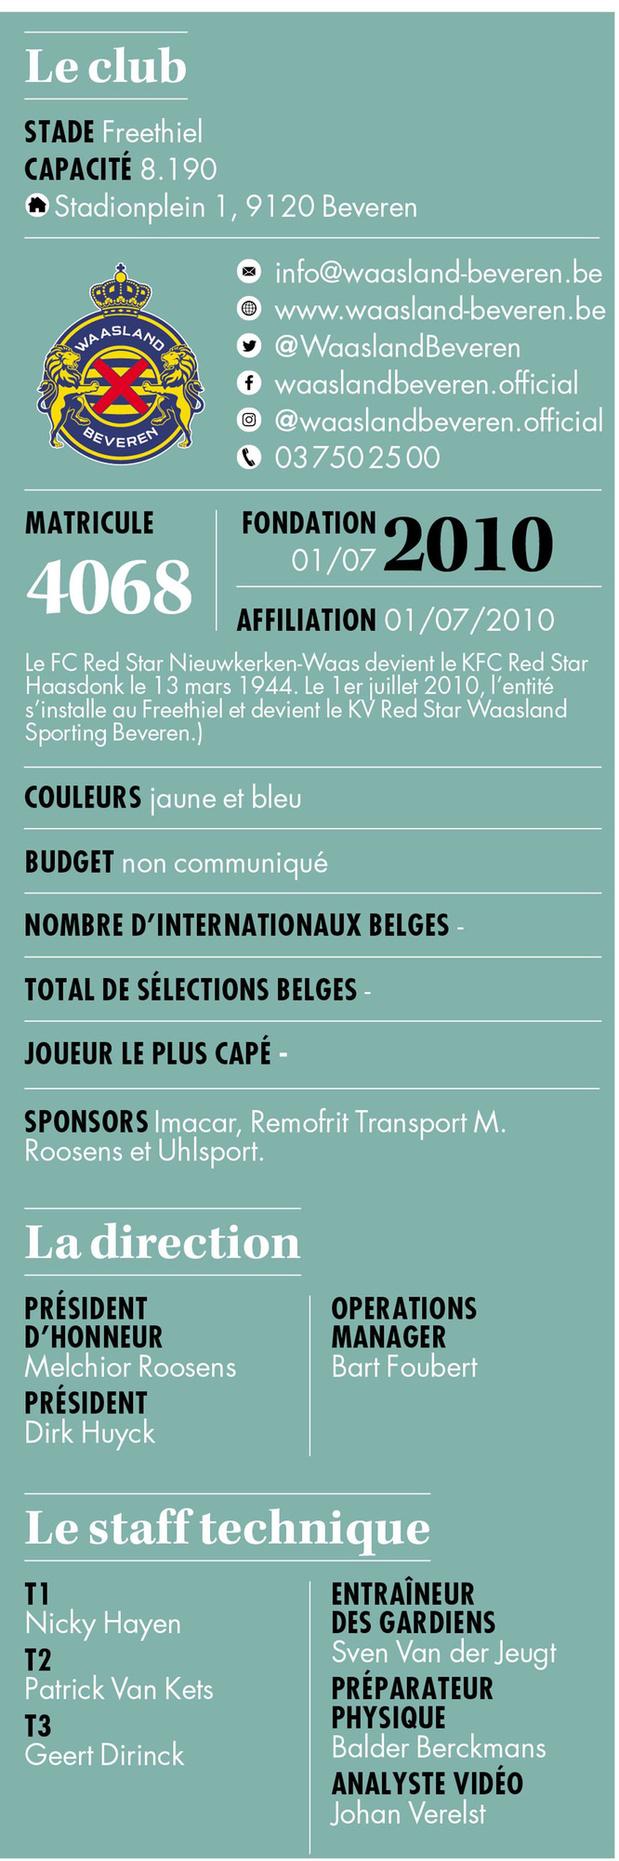 Waasland-Beveren - Infos